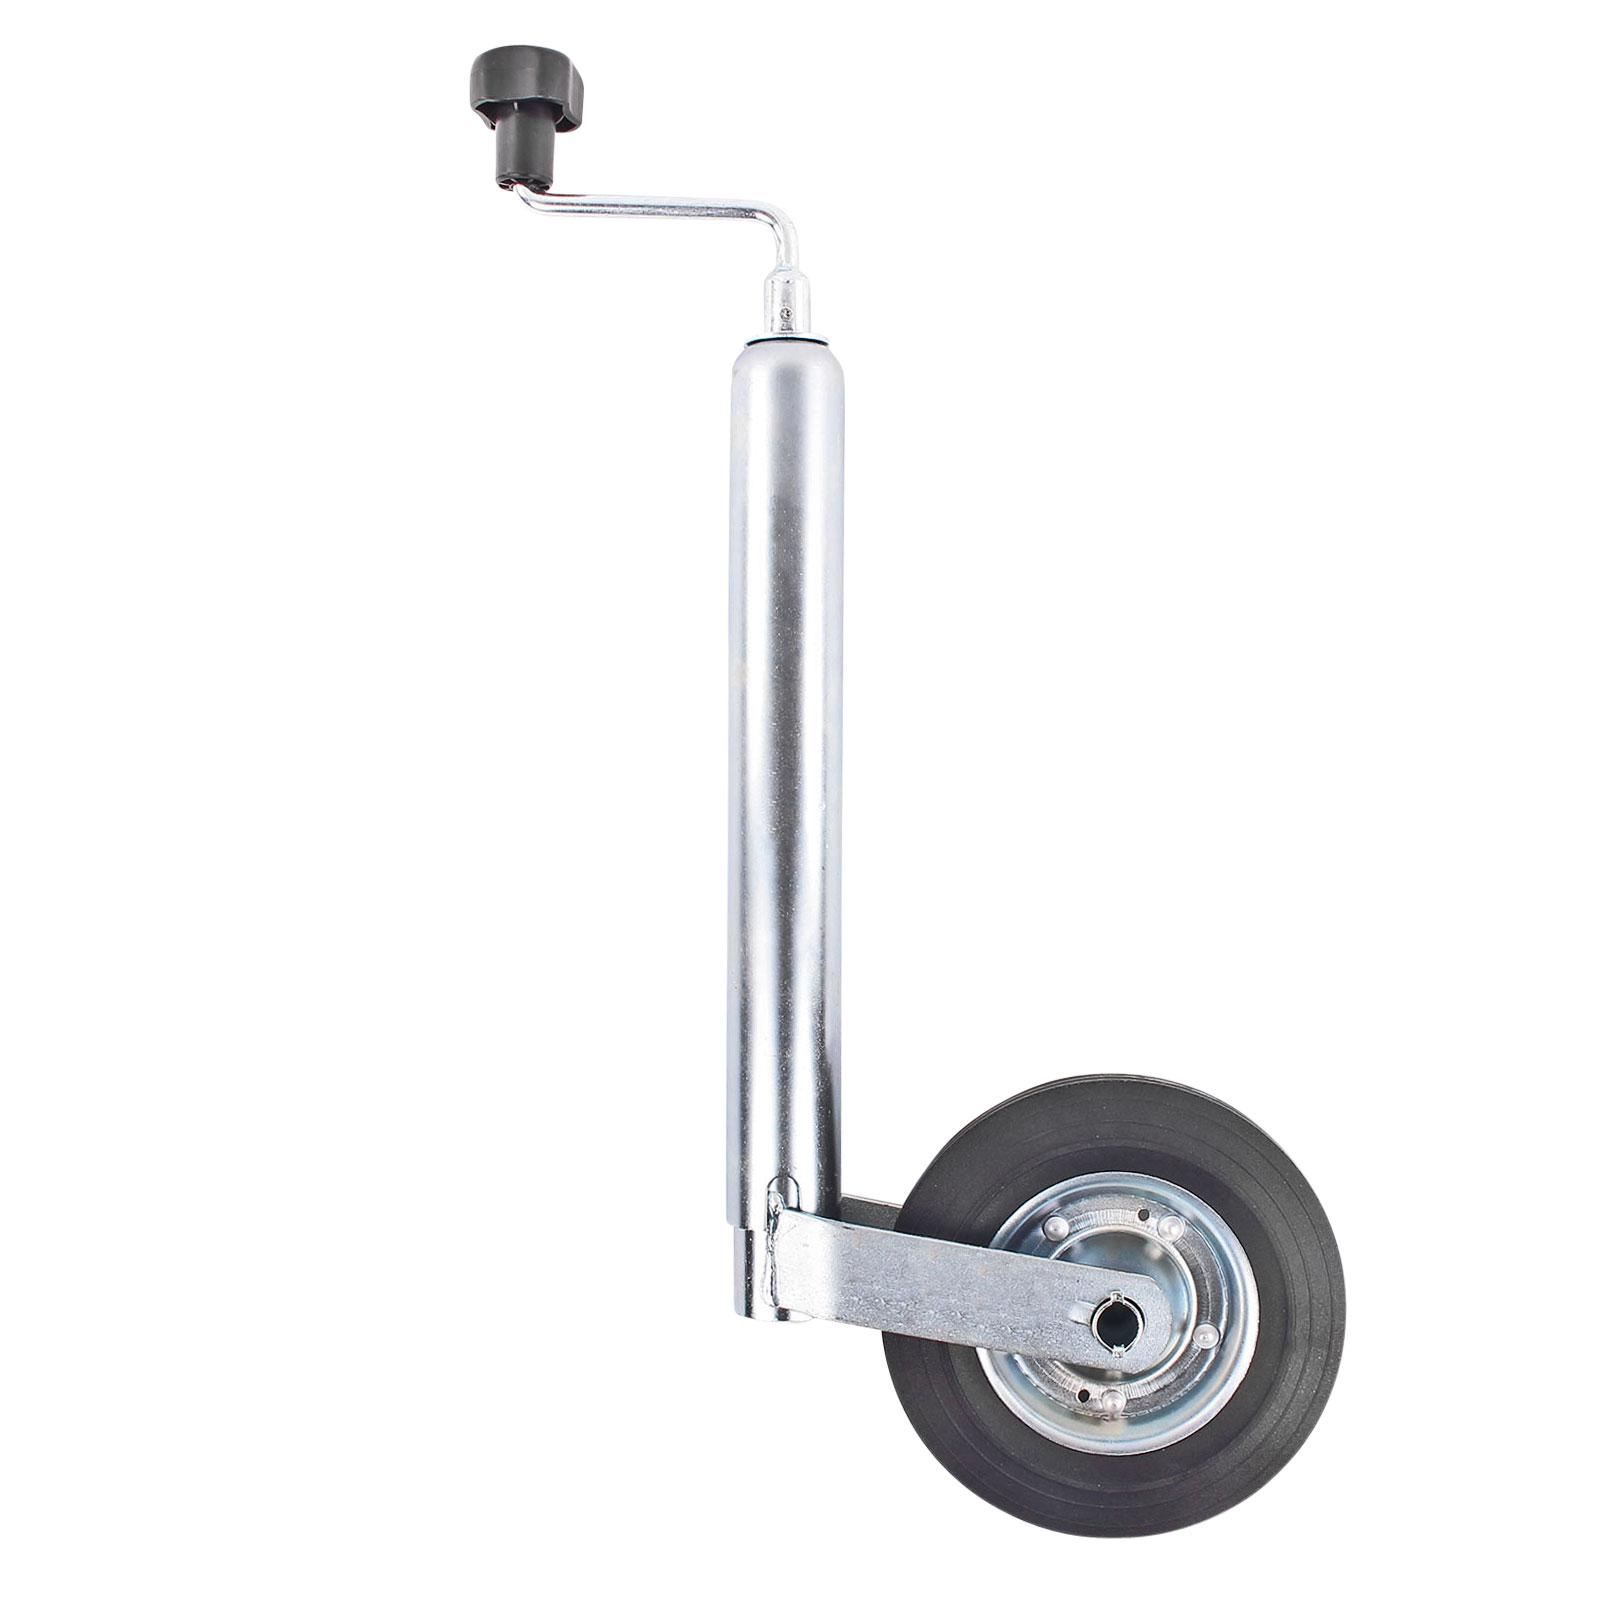 Stützrad Anhänger 48 mm Vollgummirad Metallfelge Stützlast statisch 150 Kg